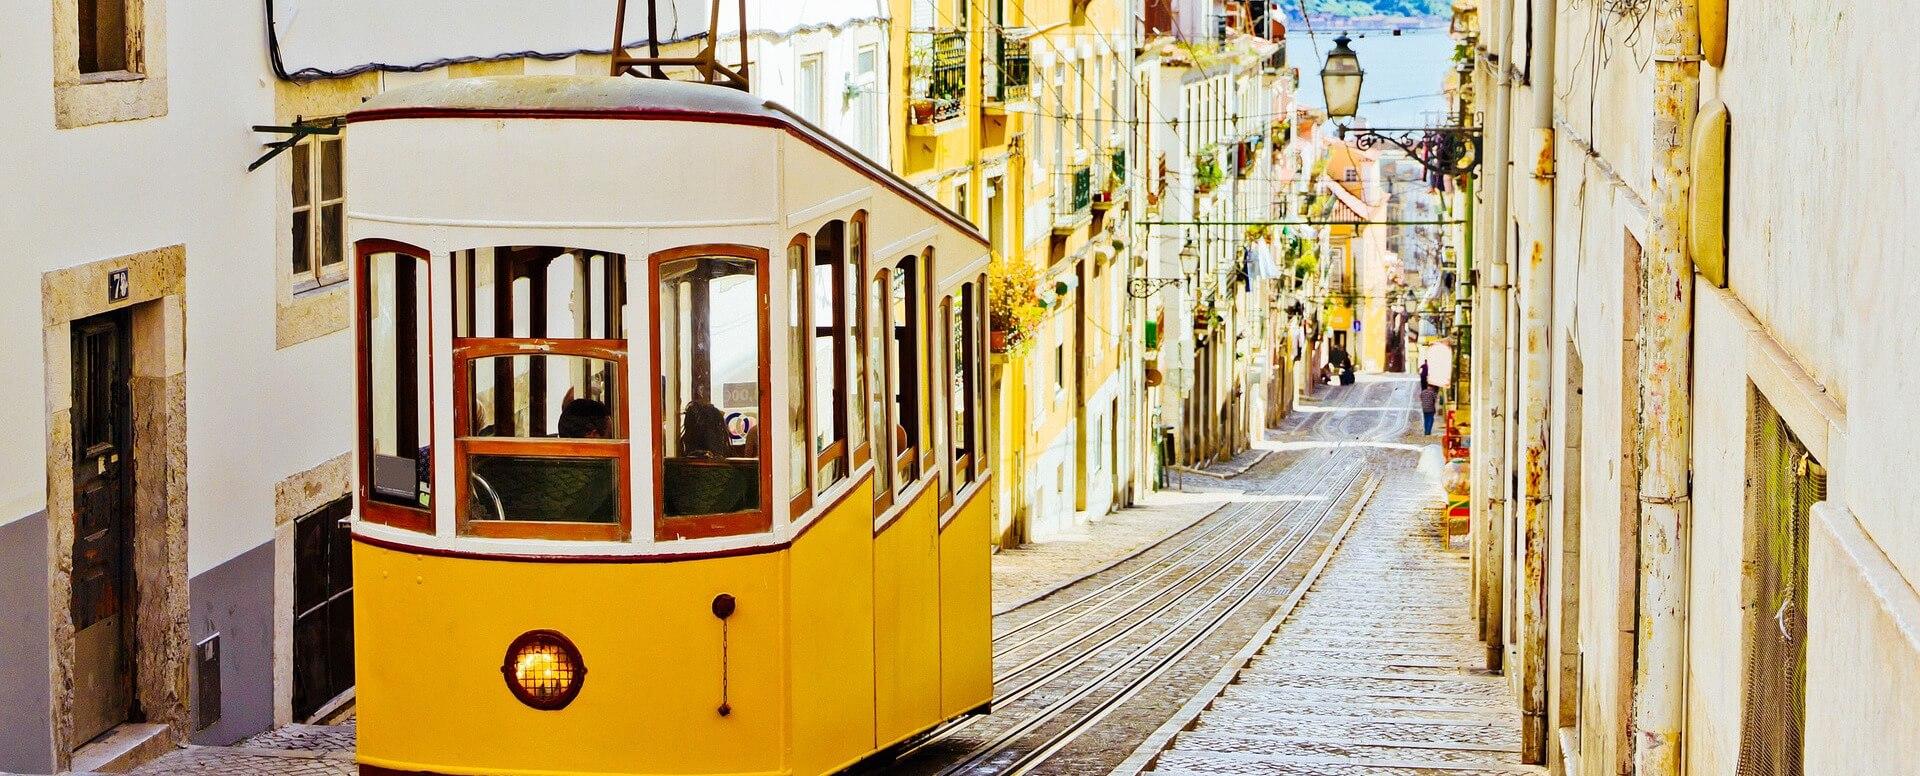 2. Tram #28 - Lisbon